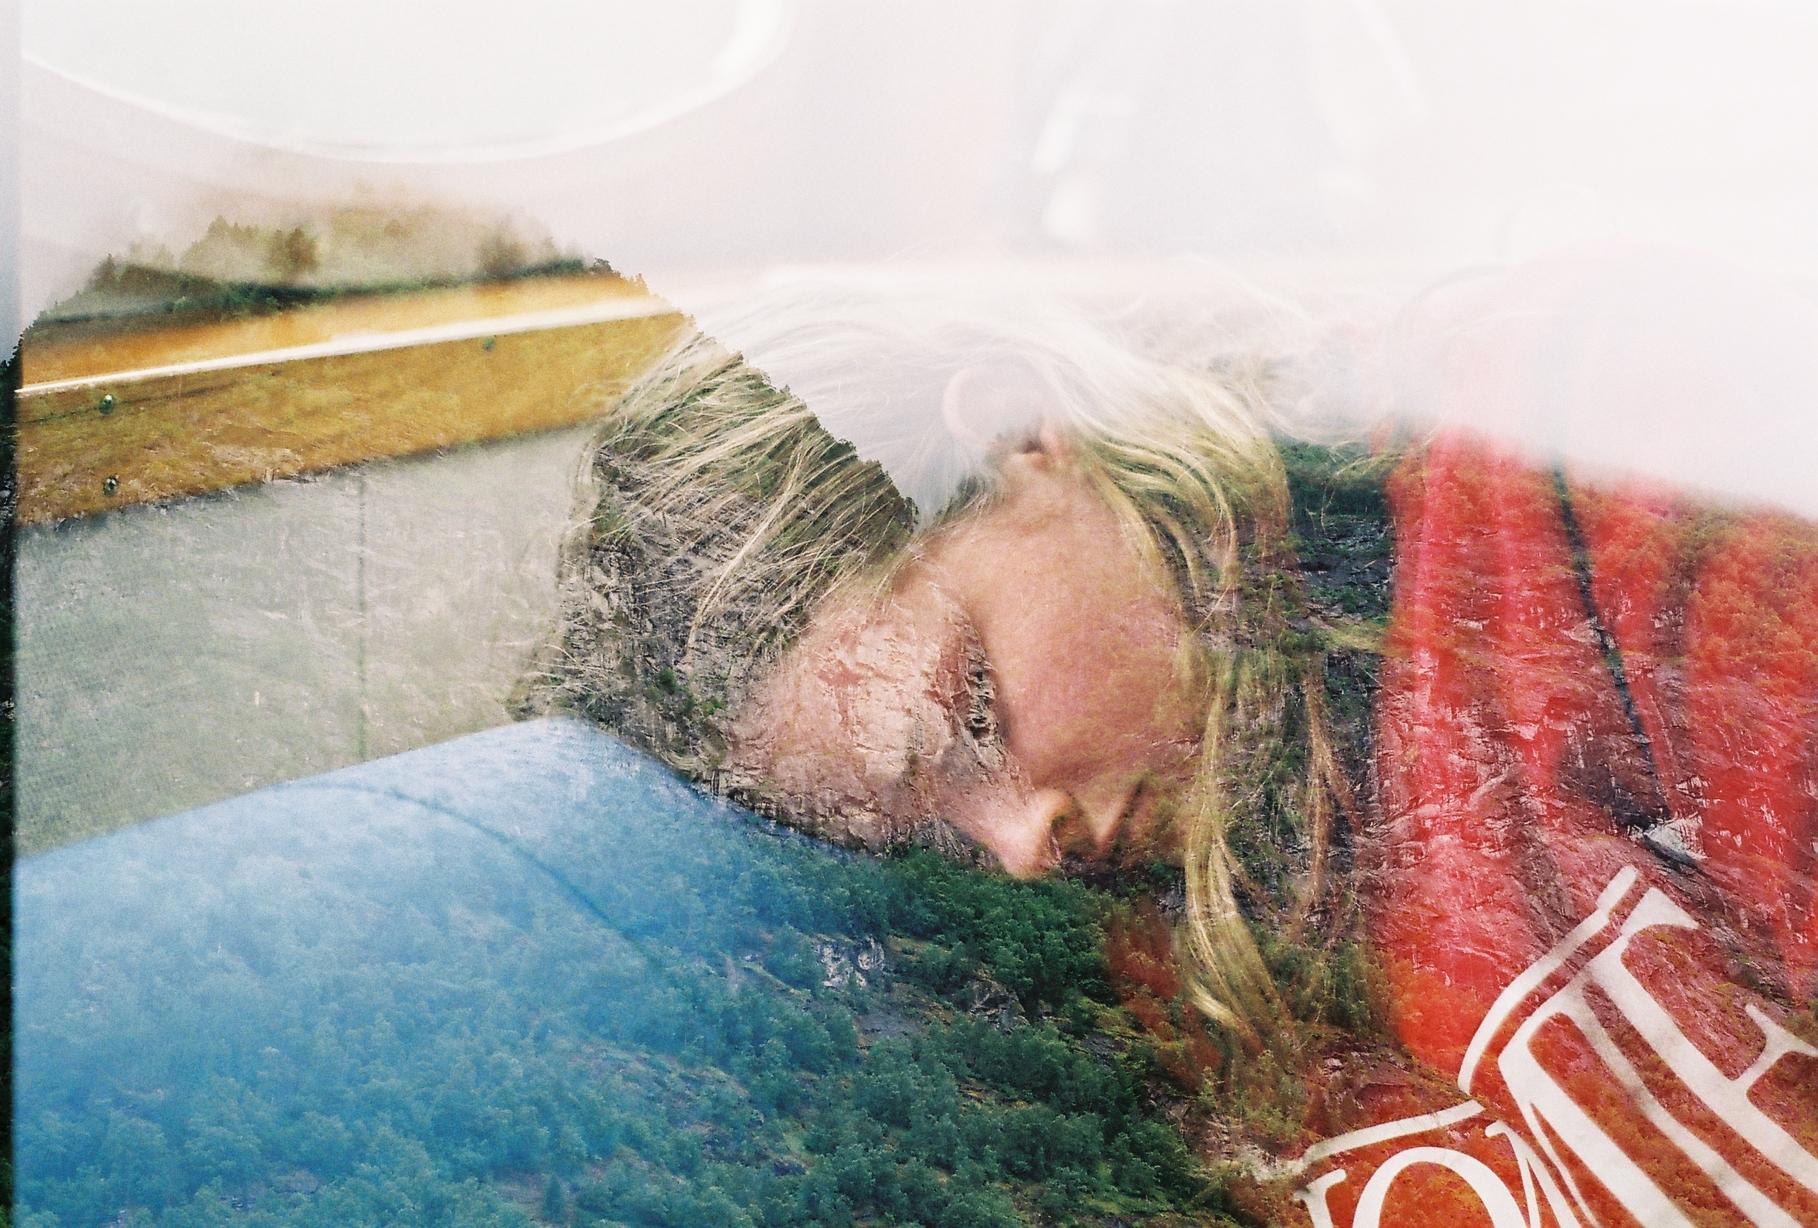 fjord in slumber